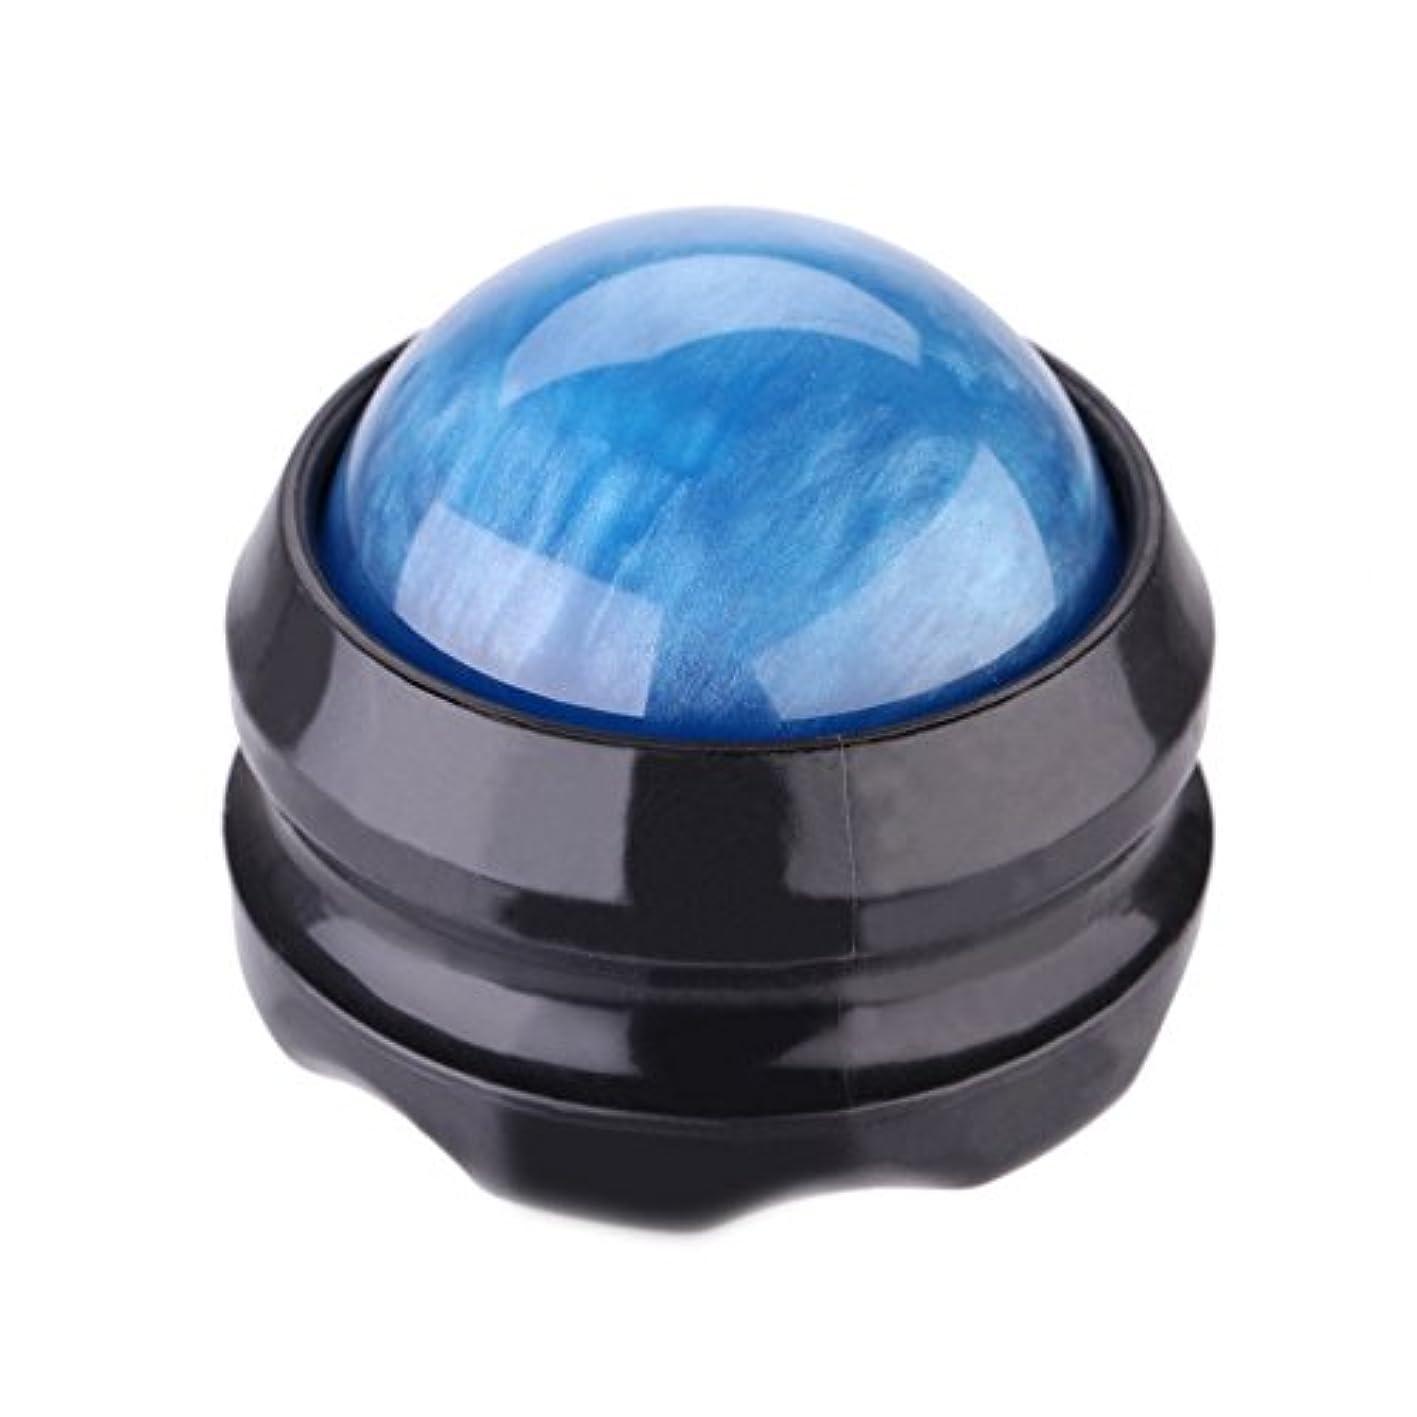 変位母記者Trueland マッサージ ボール 360度回転 背中 首 腰 筋膜リリース 健康器具 (青)